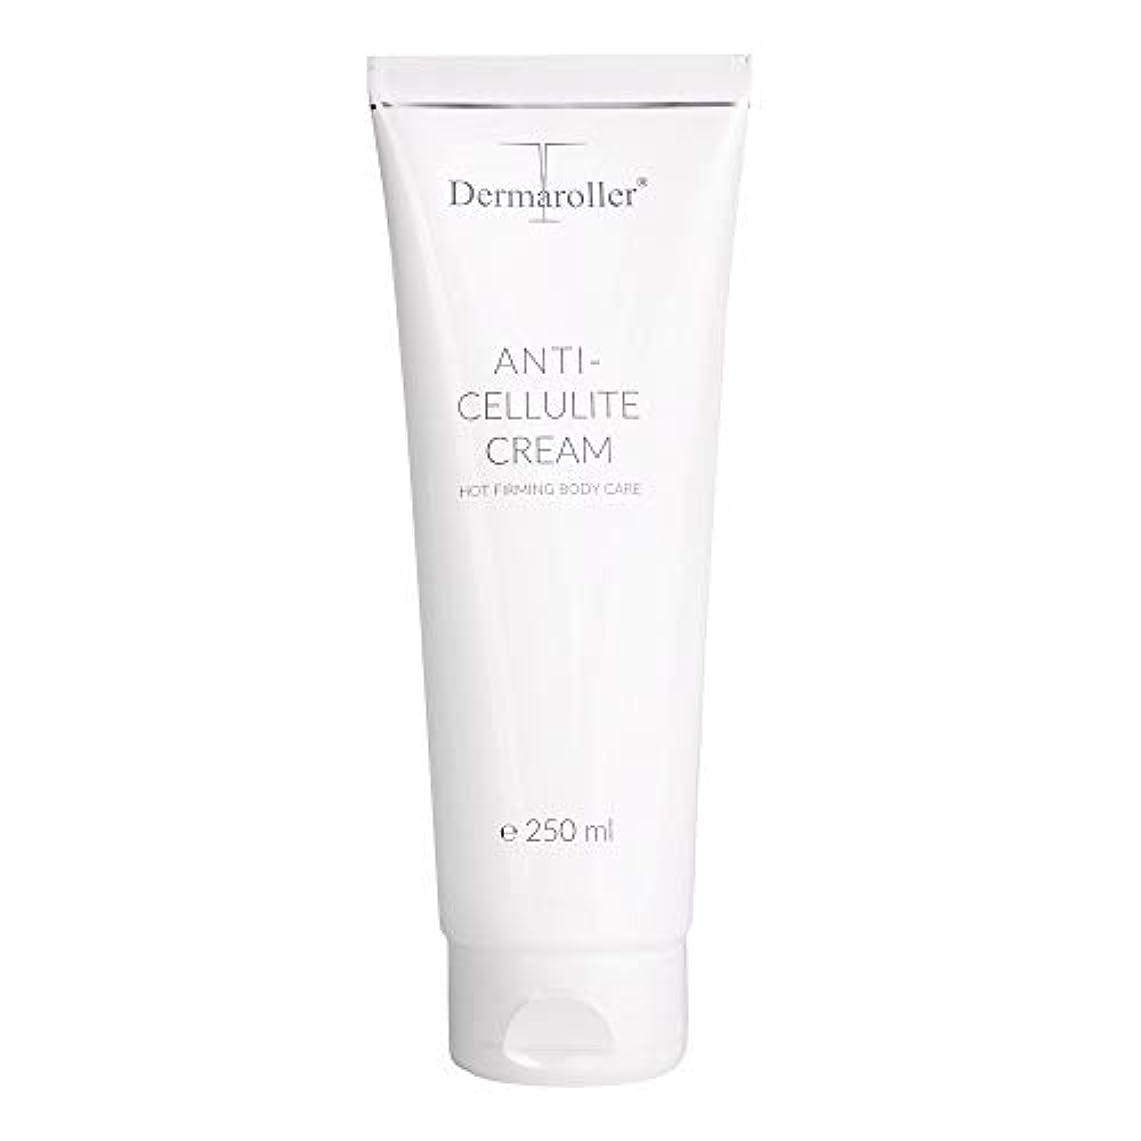 特権的開発死Dermaroller アンチ セルライト クリーム 250ml [Dermaroller]Anti-Cellulite Cream